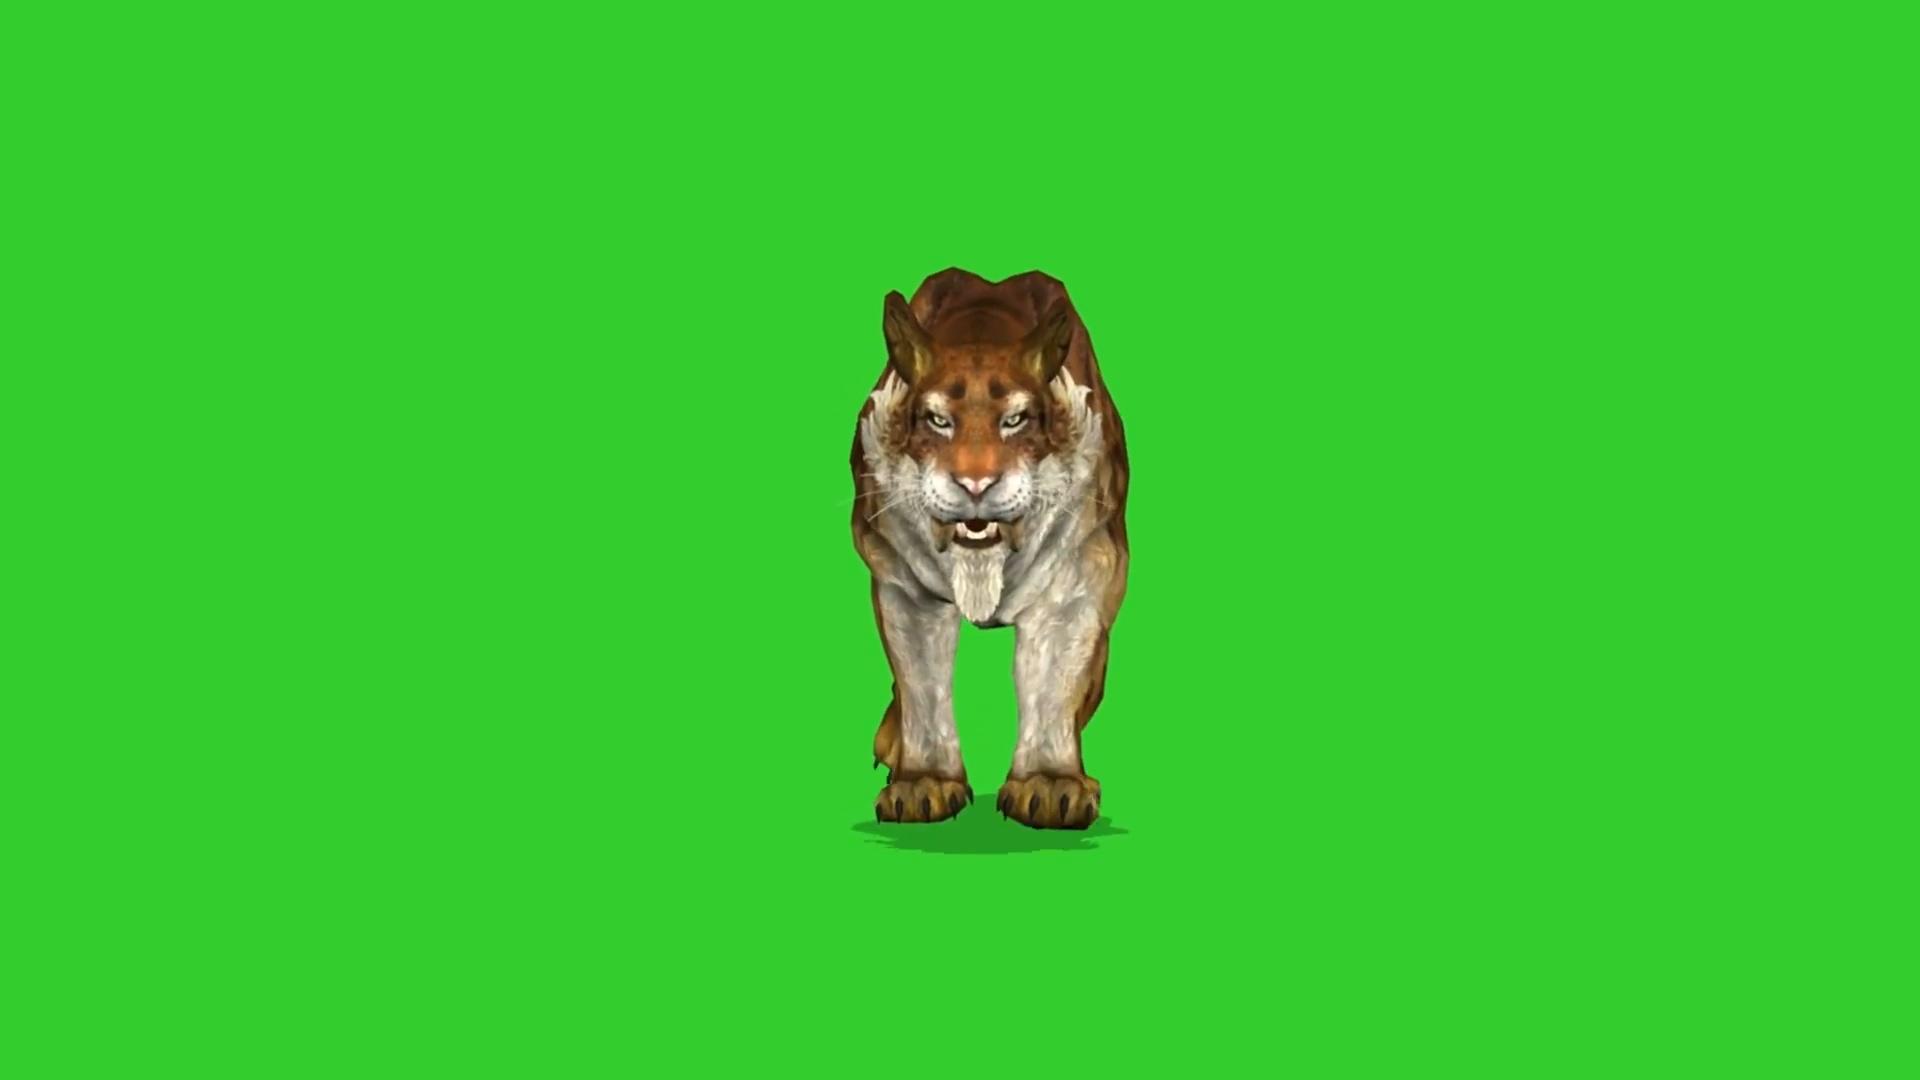 绿屏抠像孟加拉剑齿虎